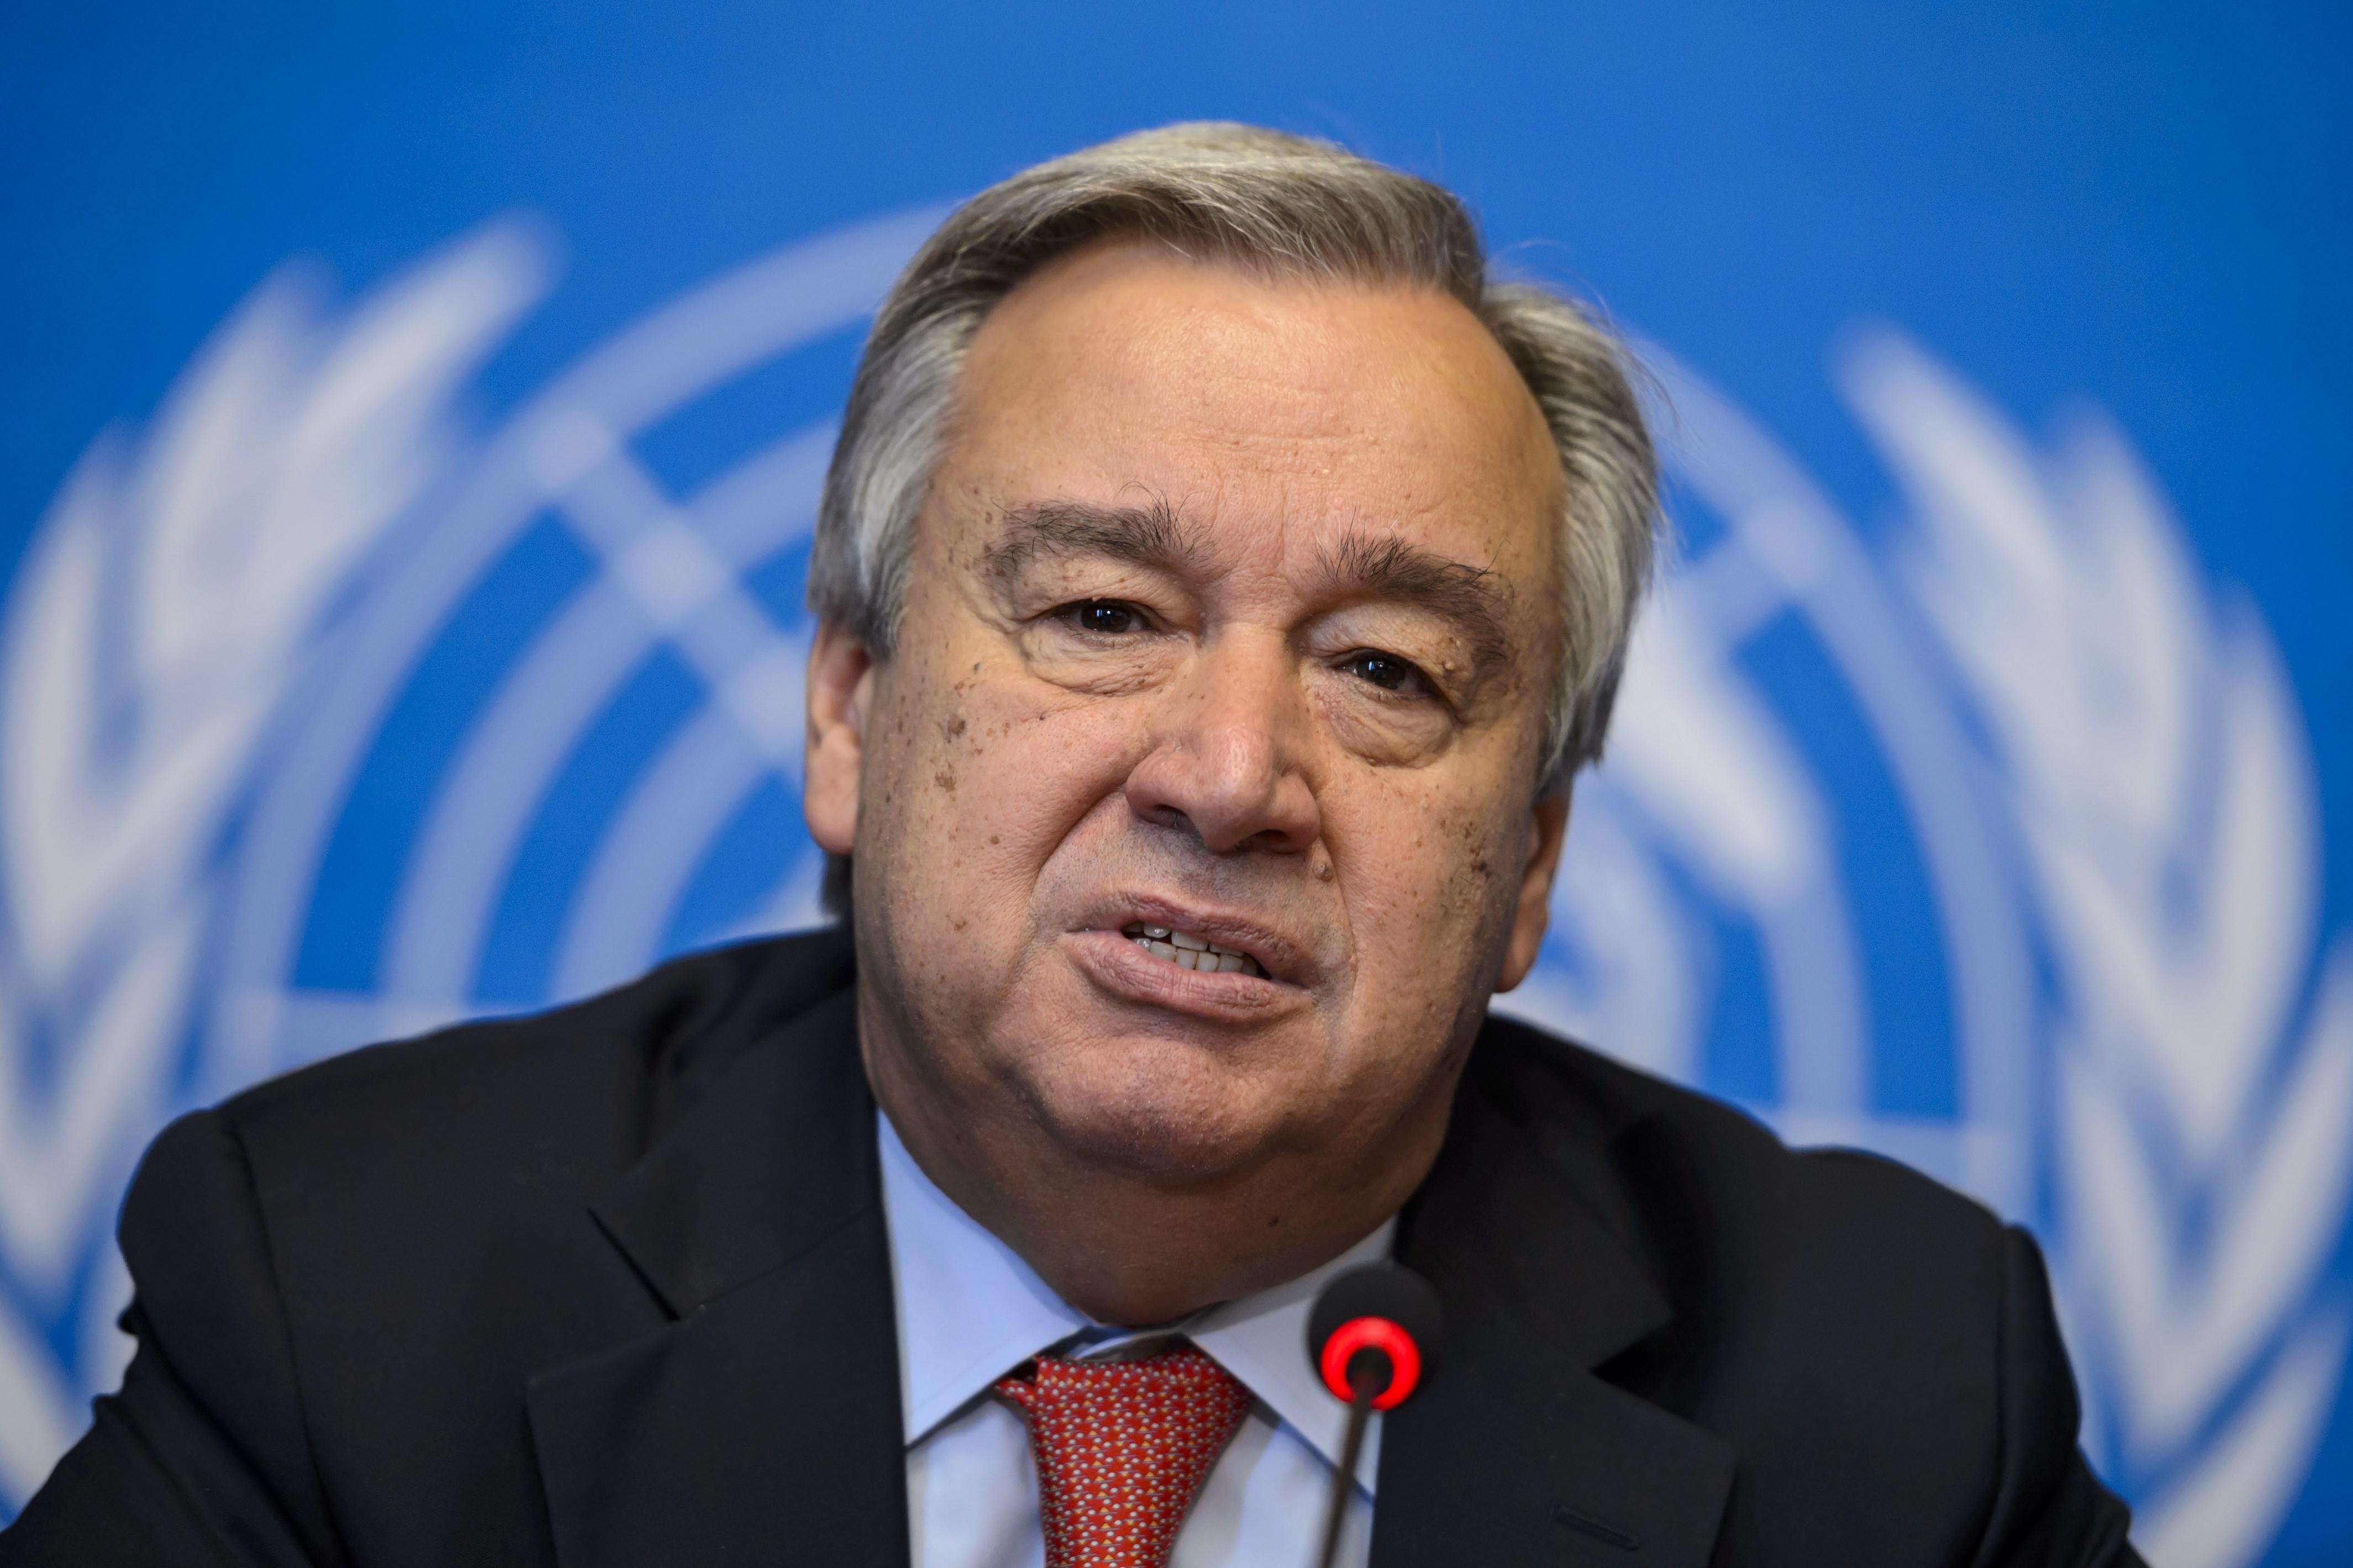 Page enfant : António Guterres remplace Ban Ki-Moon à l'ONU